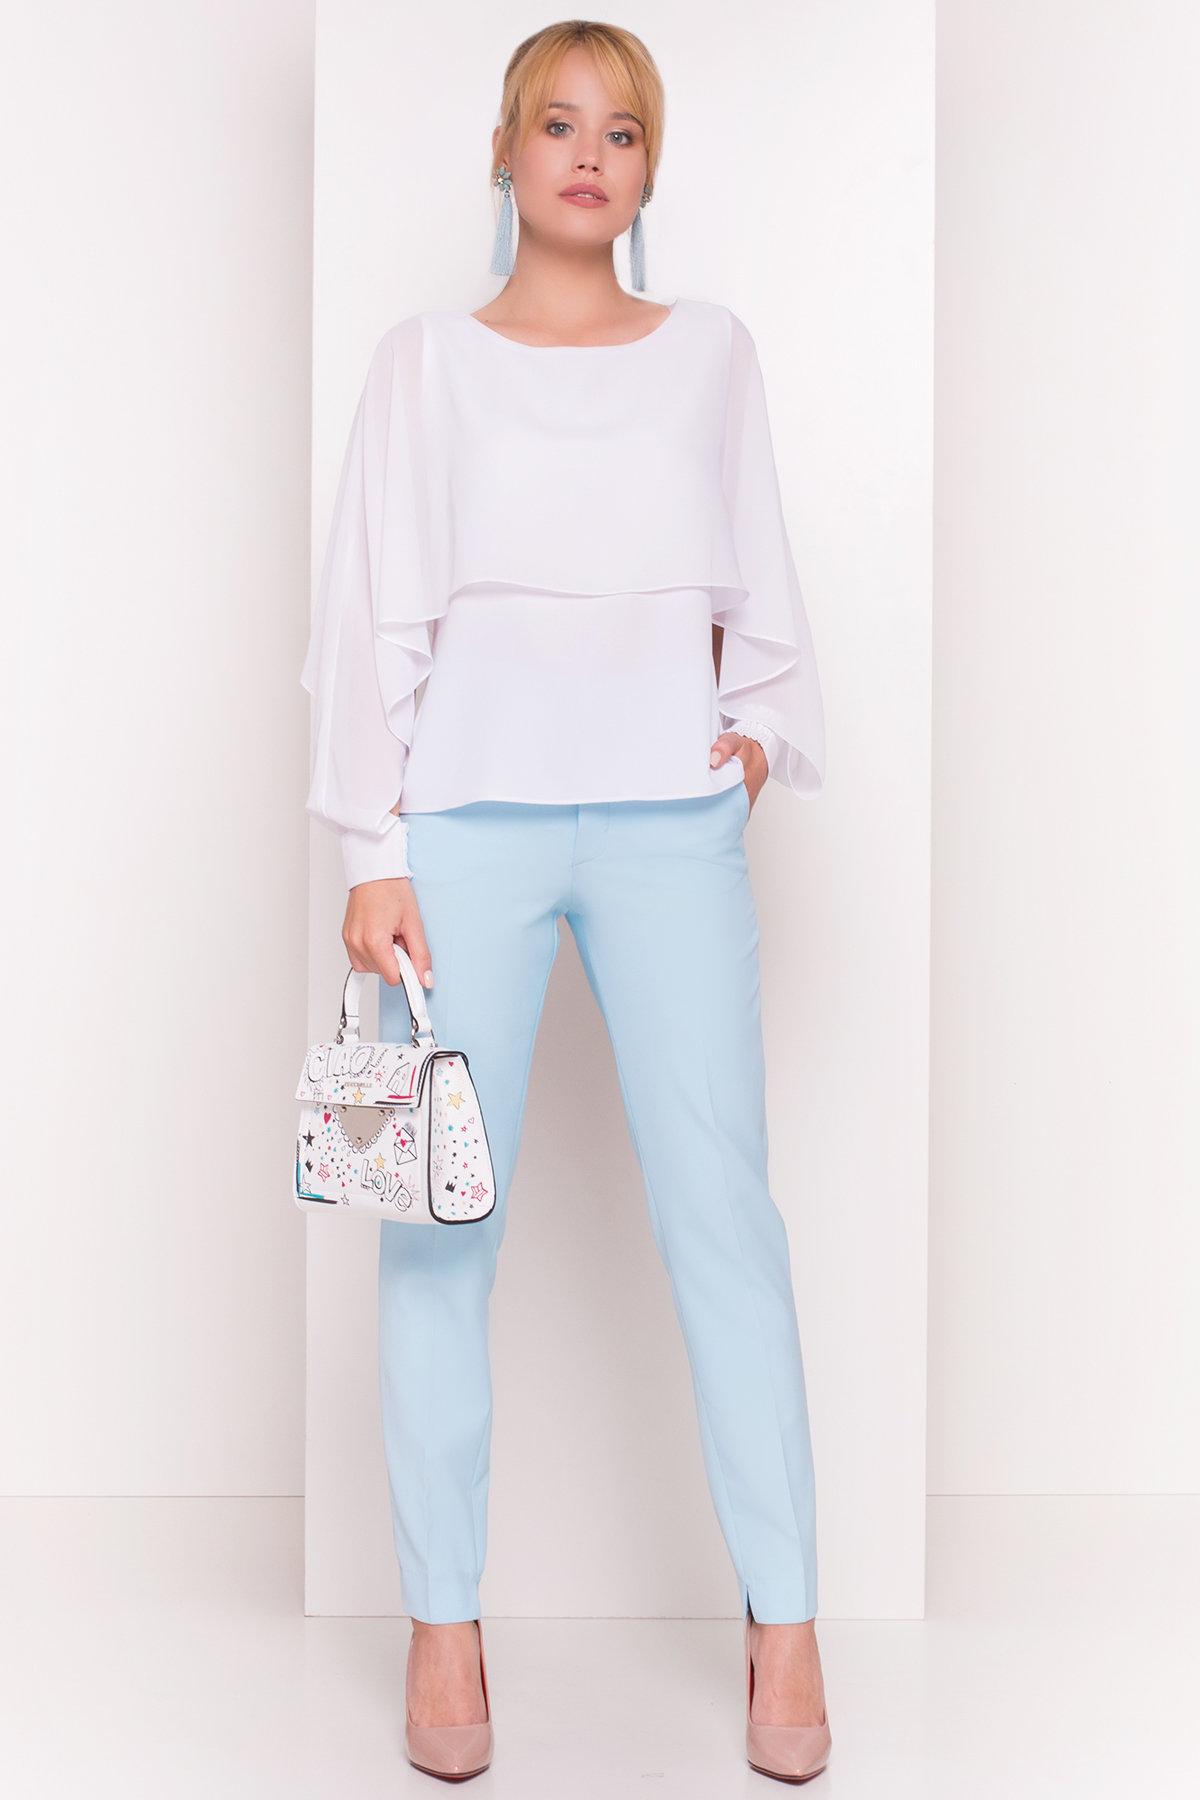 Блуза Сади 4978 Цвет: Белый